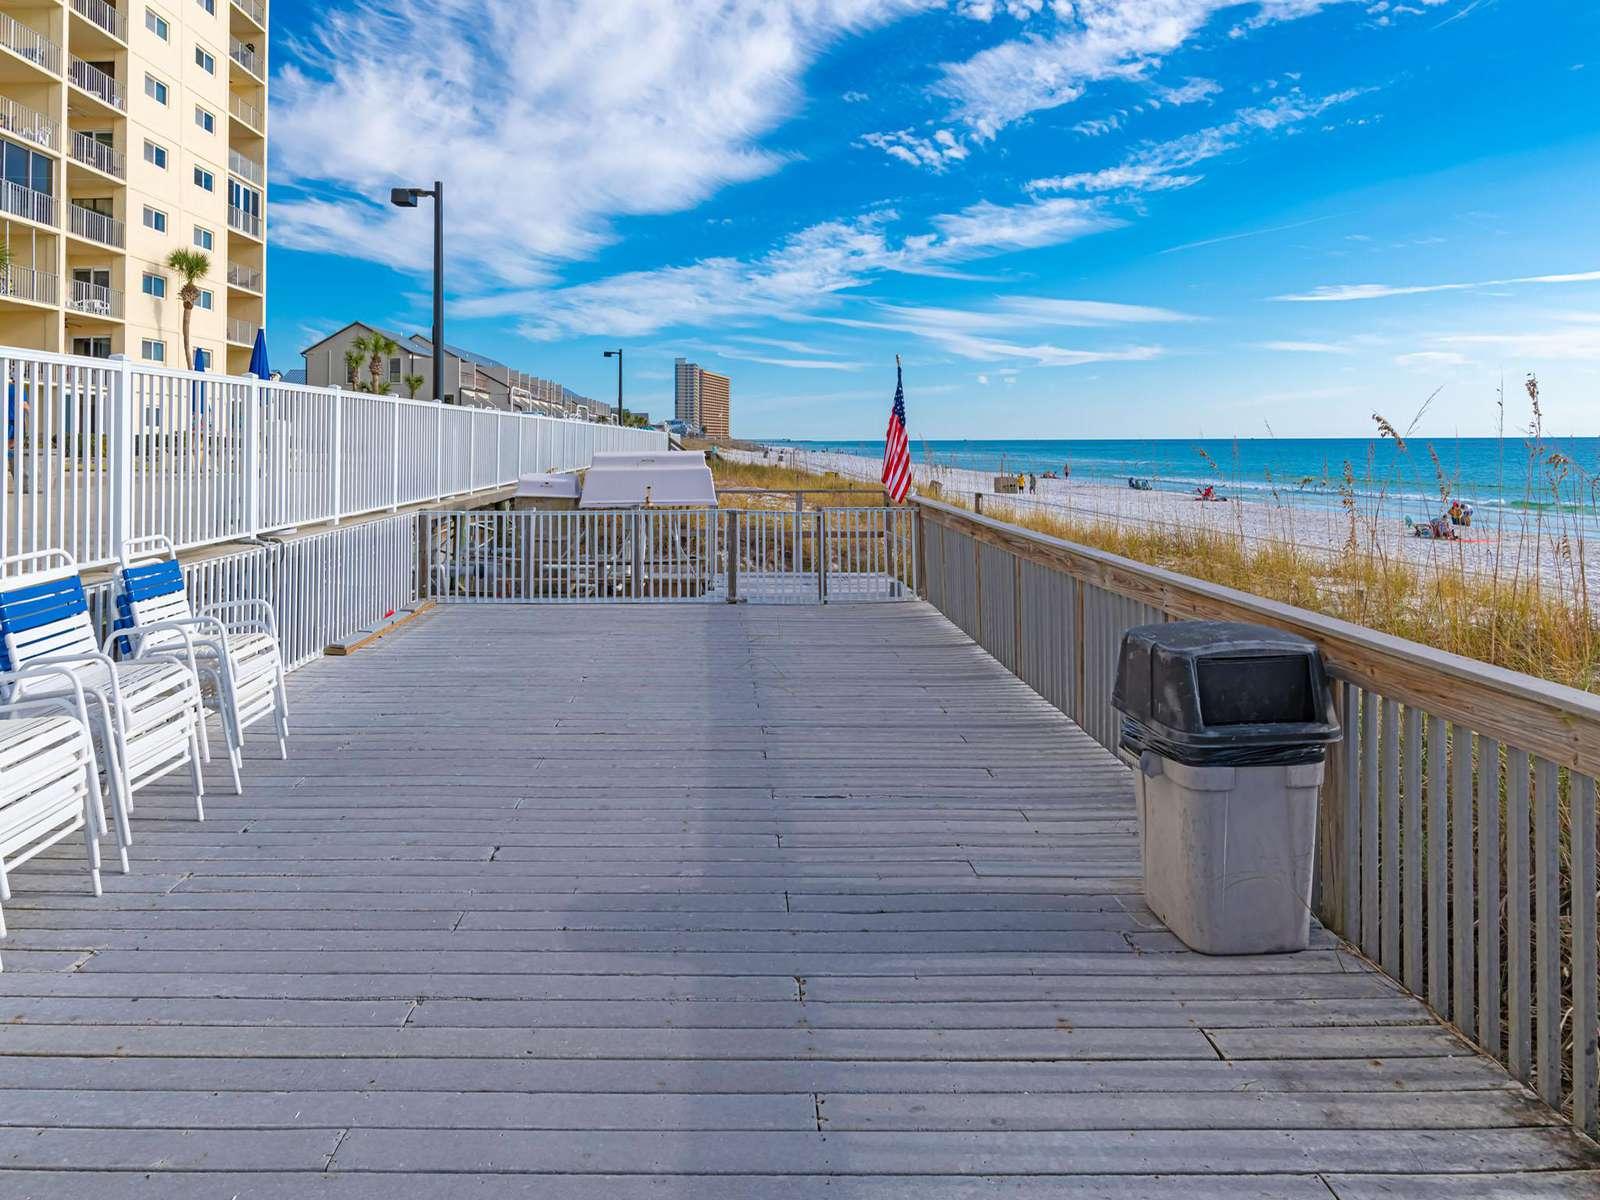 Regency Towers boardwalk for activities!